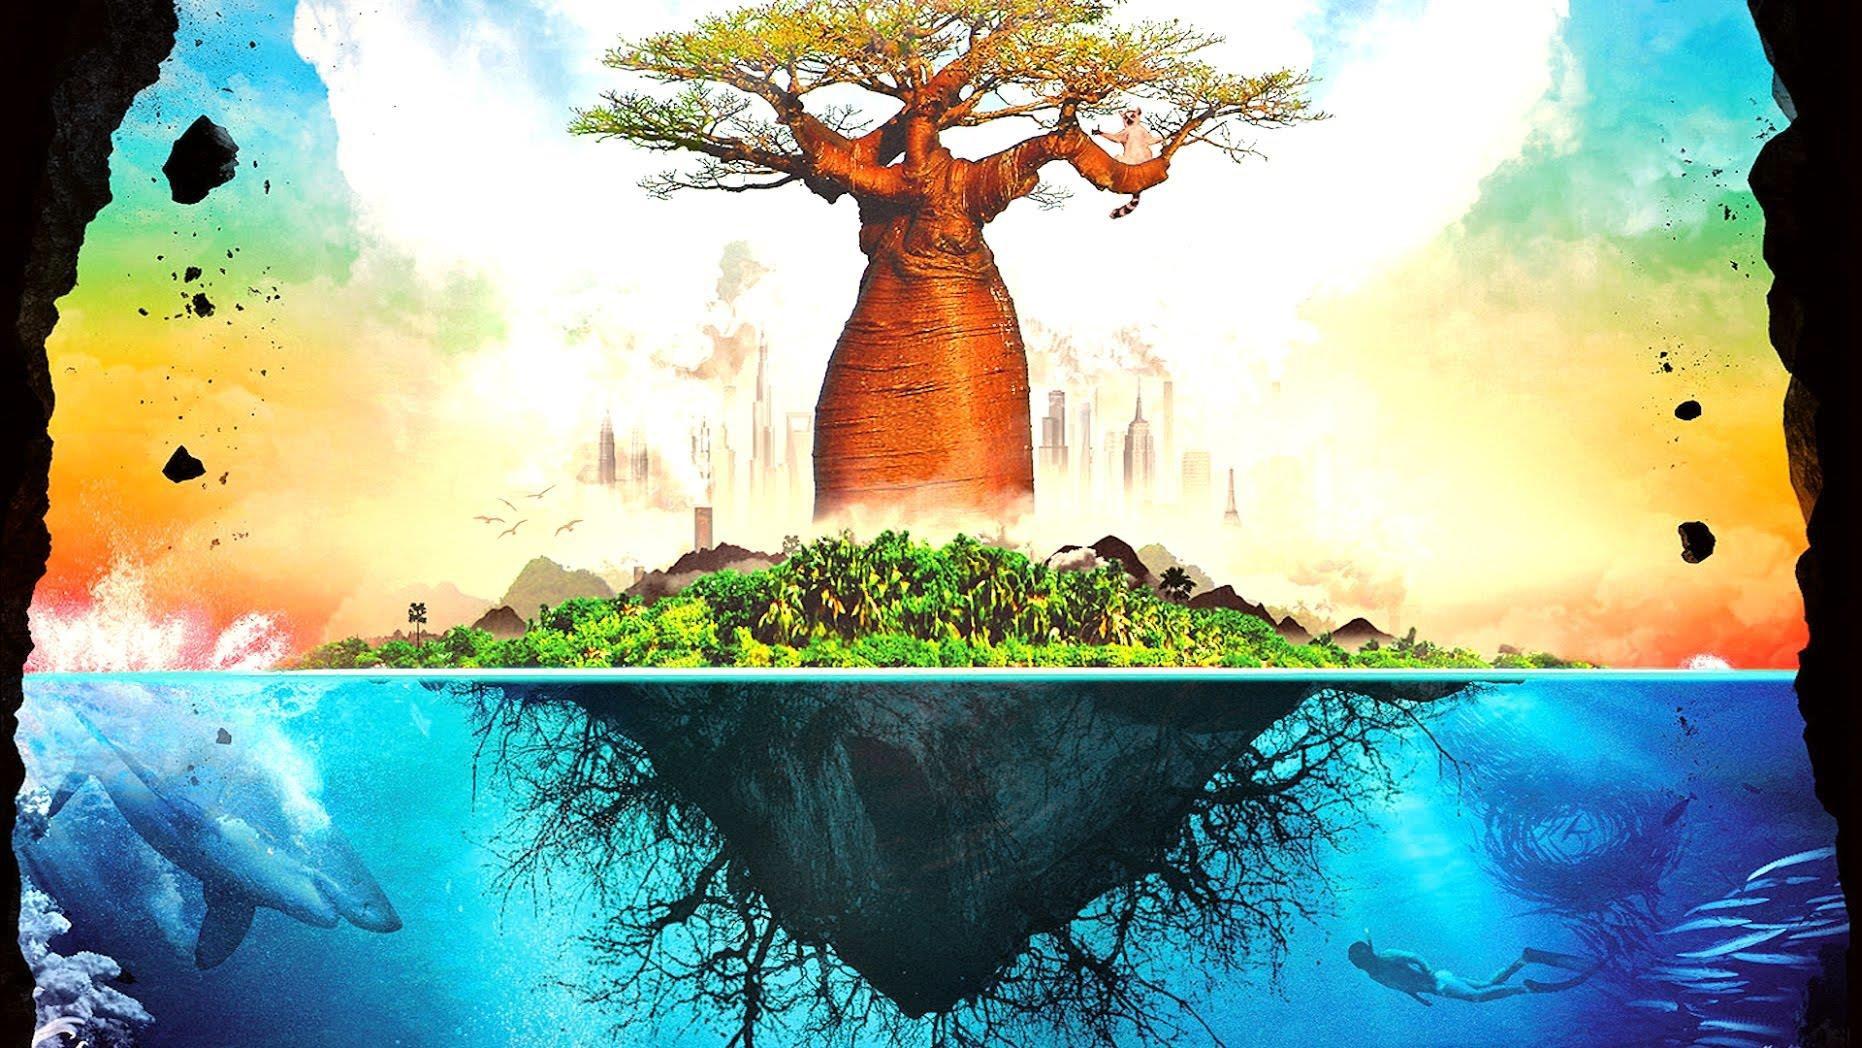 Grafik: Baobab-Baum, der auf einer kleinen Insel im Wasser schwimmt